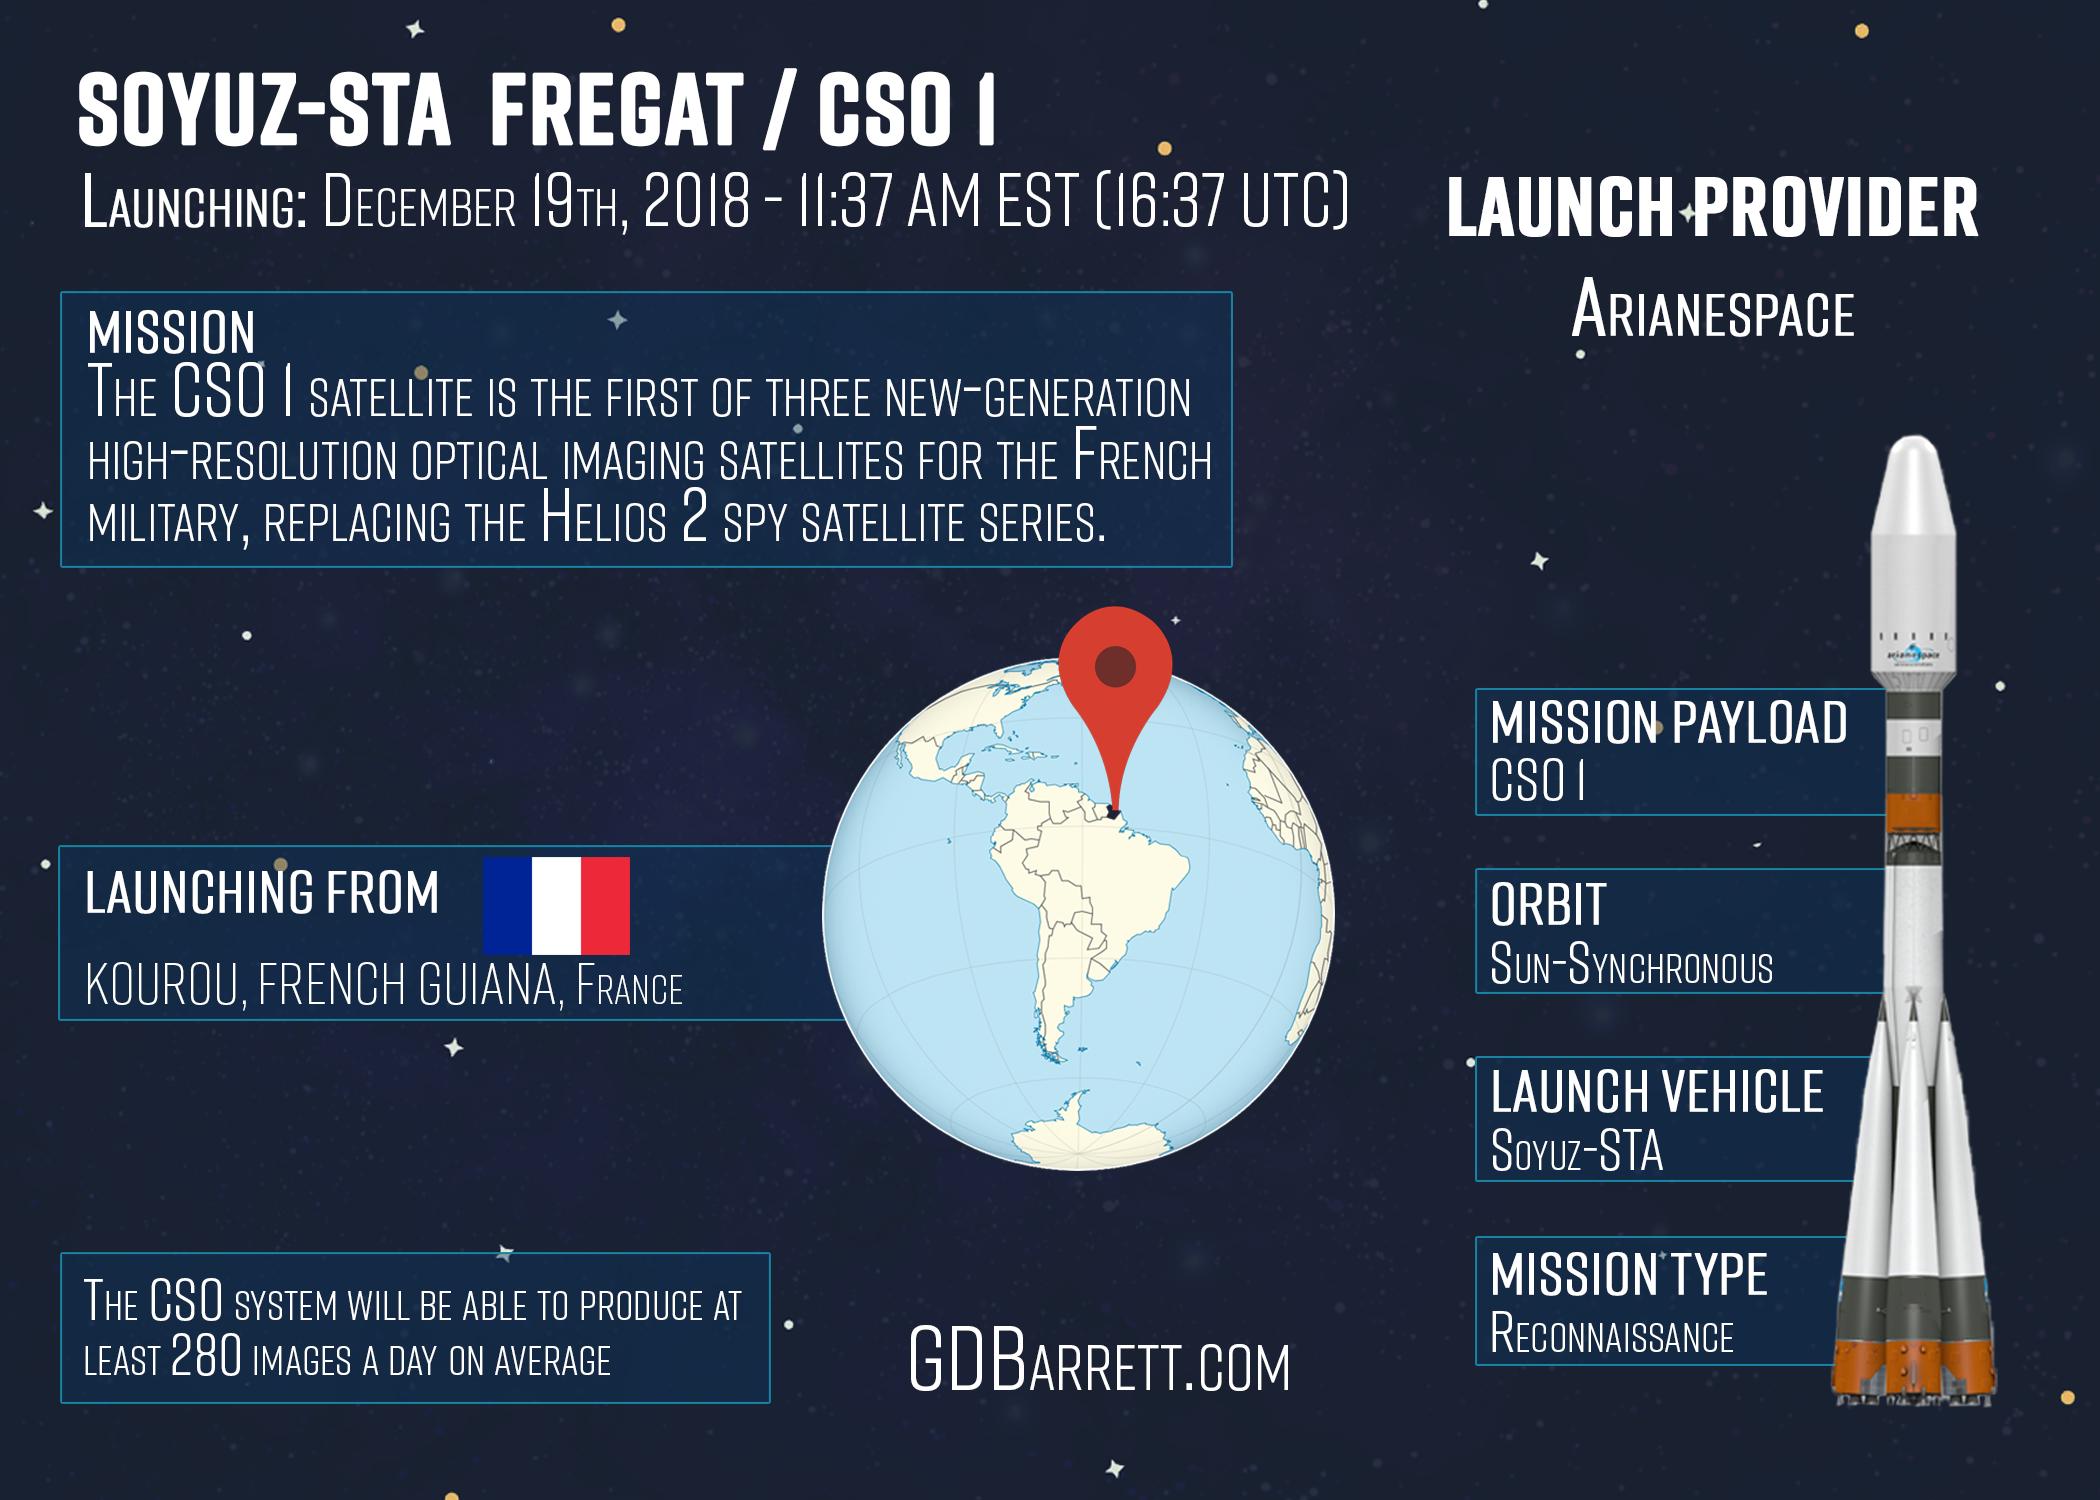 Soyuz-STA Fregat / CSO-1A